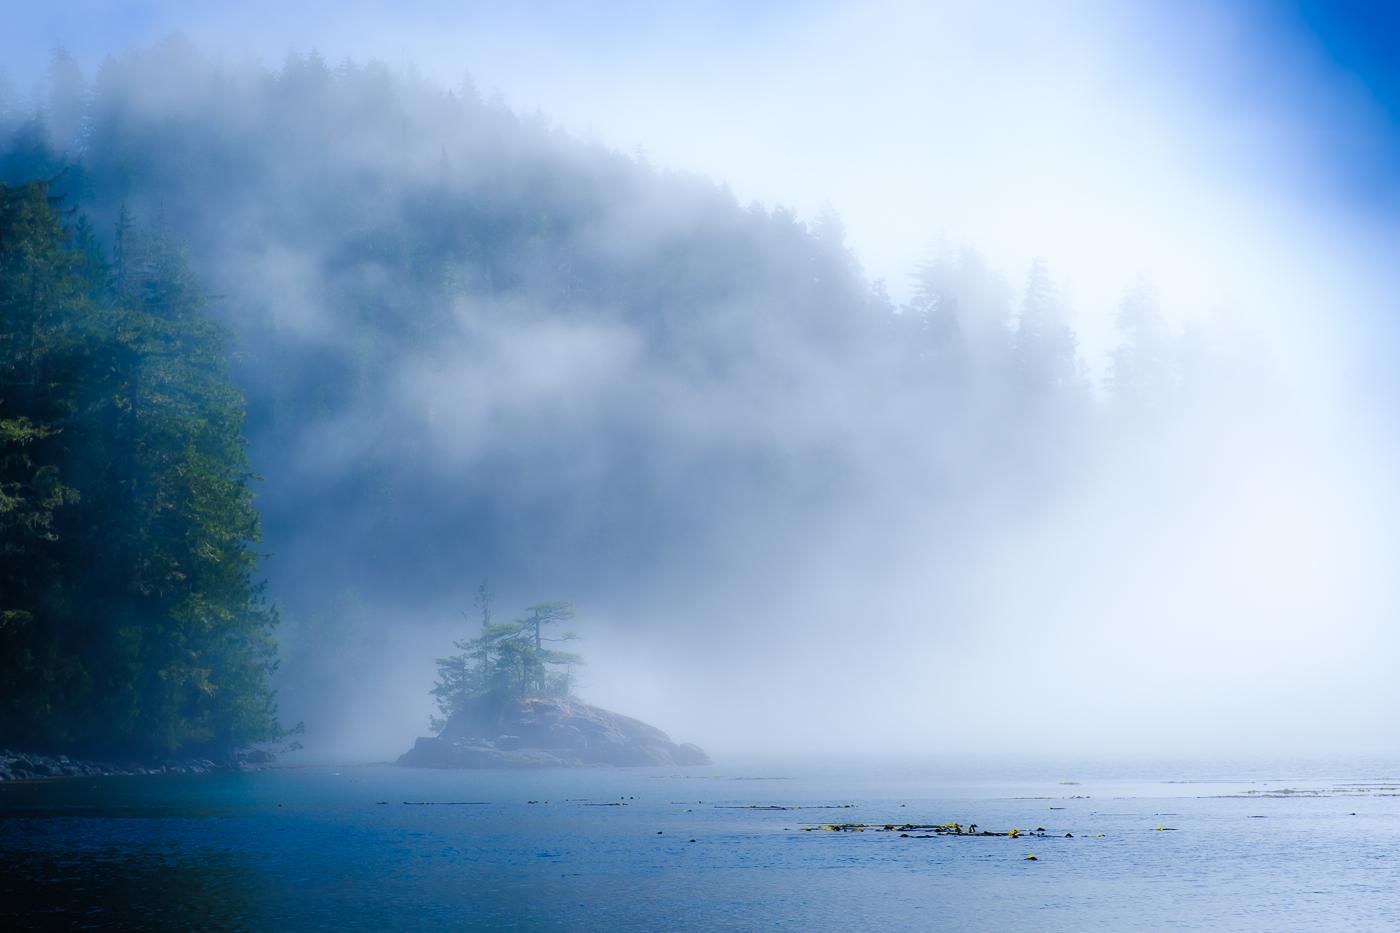 BC coastal island in fog